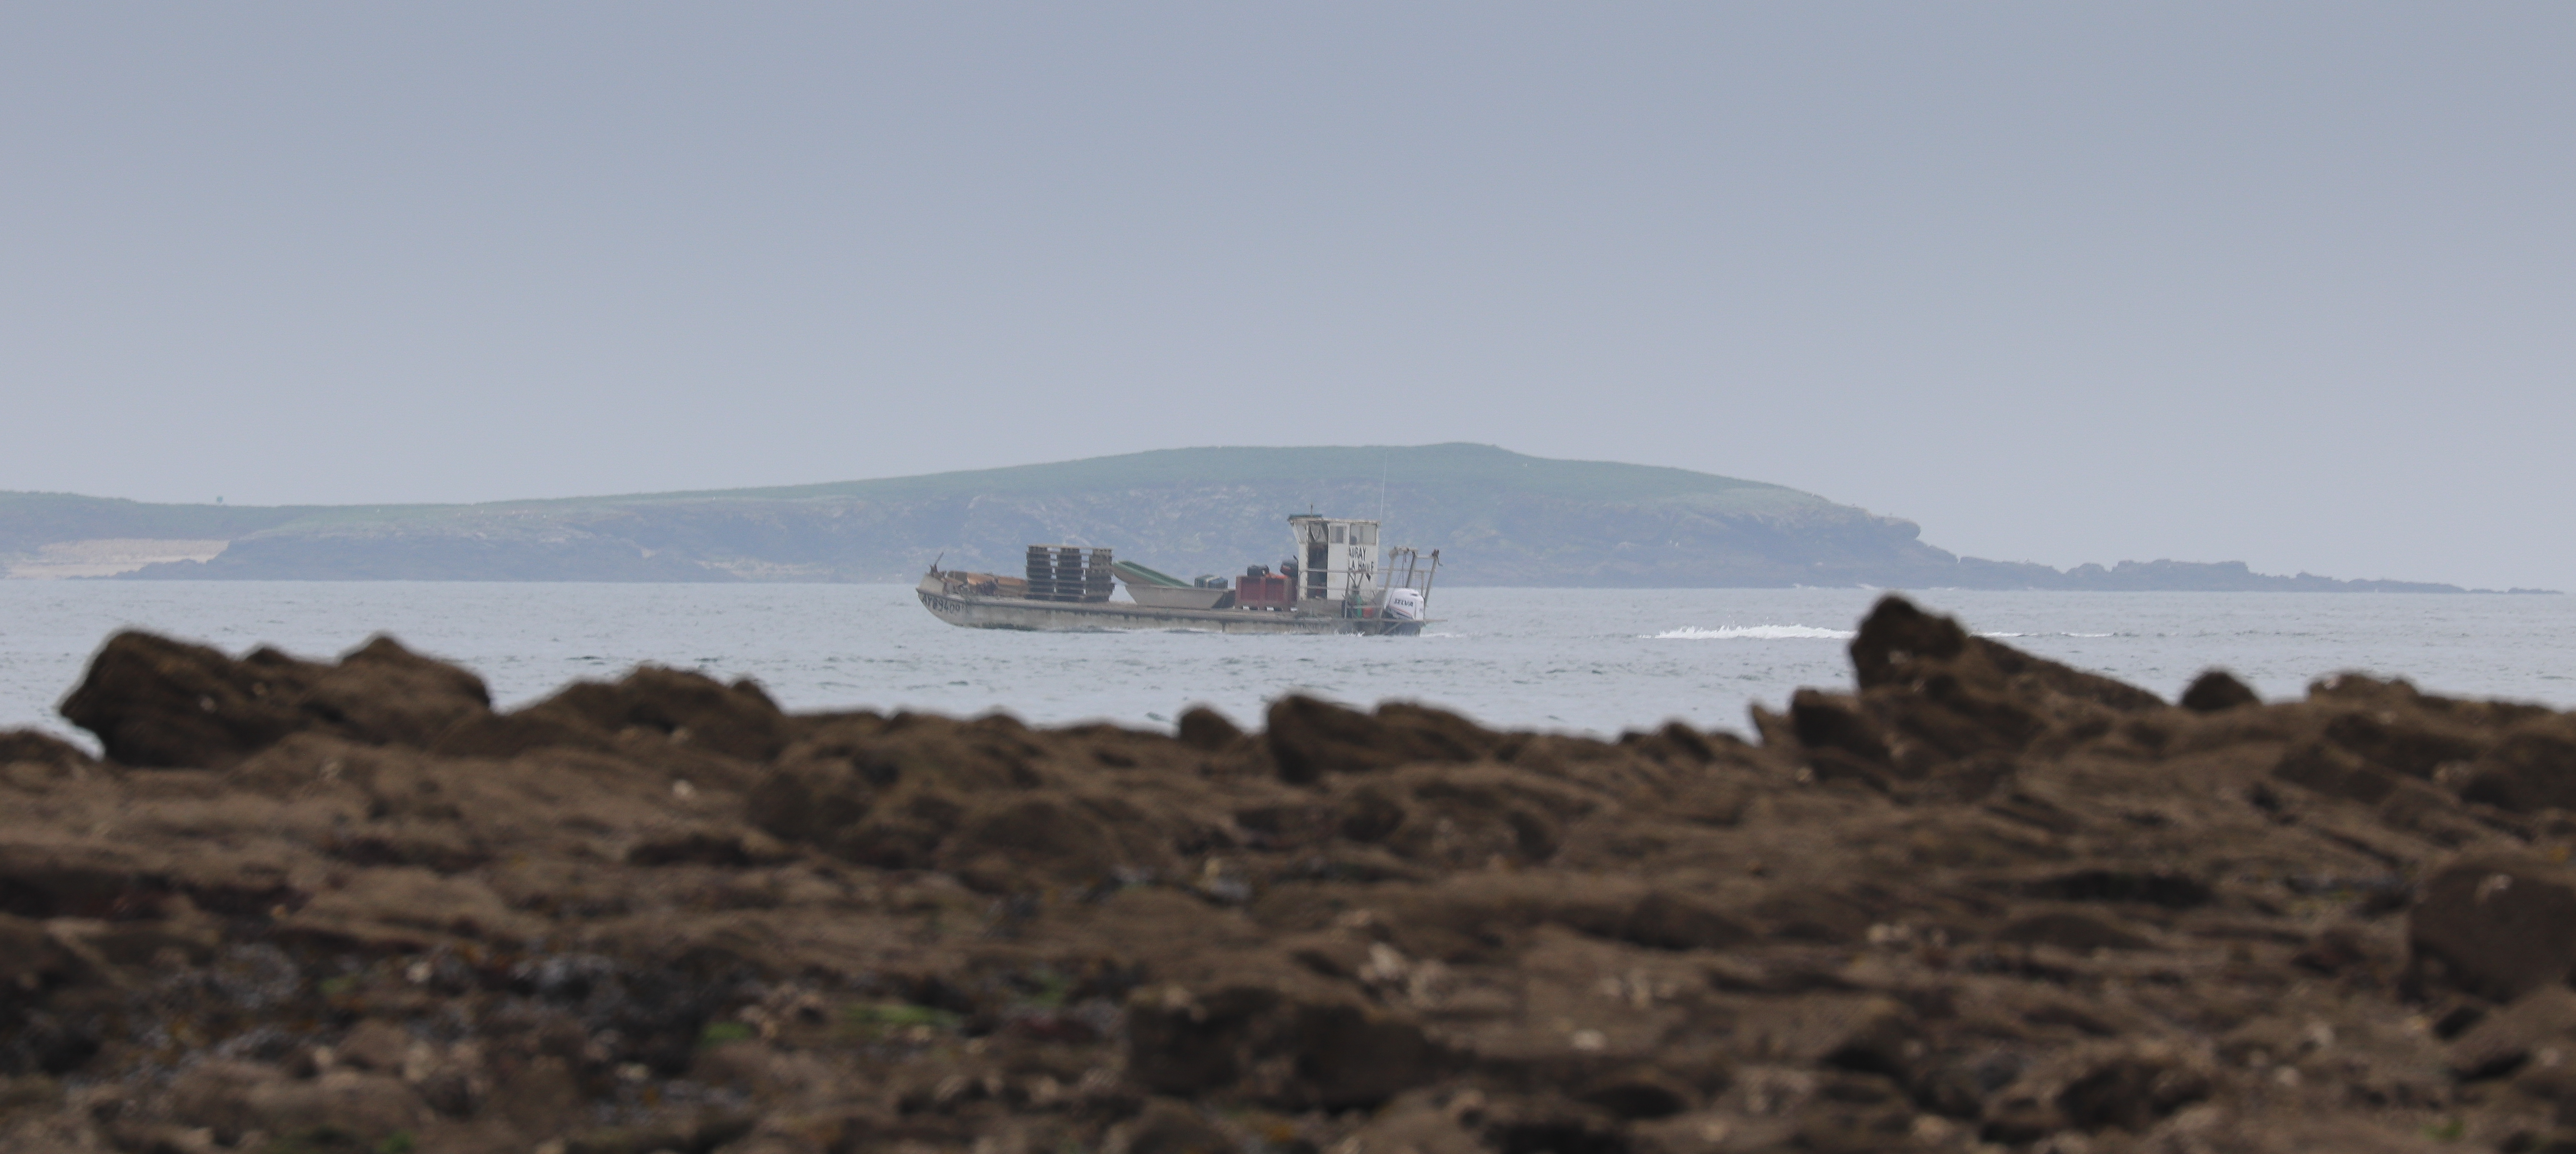 barge la Houle devant Méaban 2, Locmariaquer,  9 avril 18 (1 sur 1).jpg